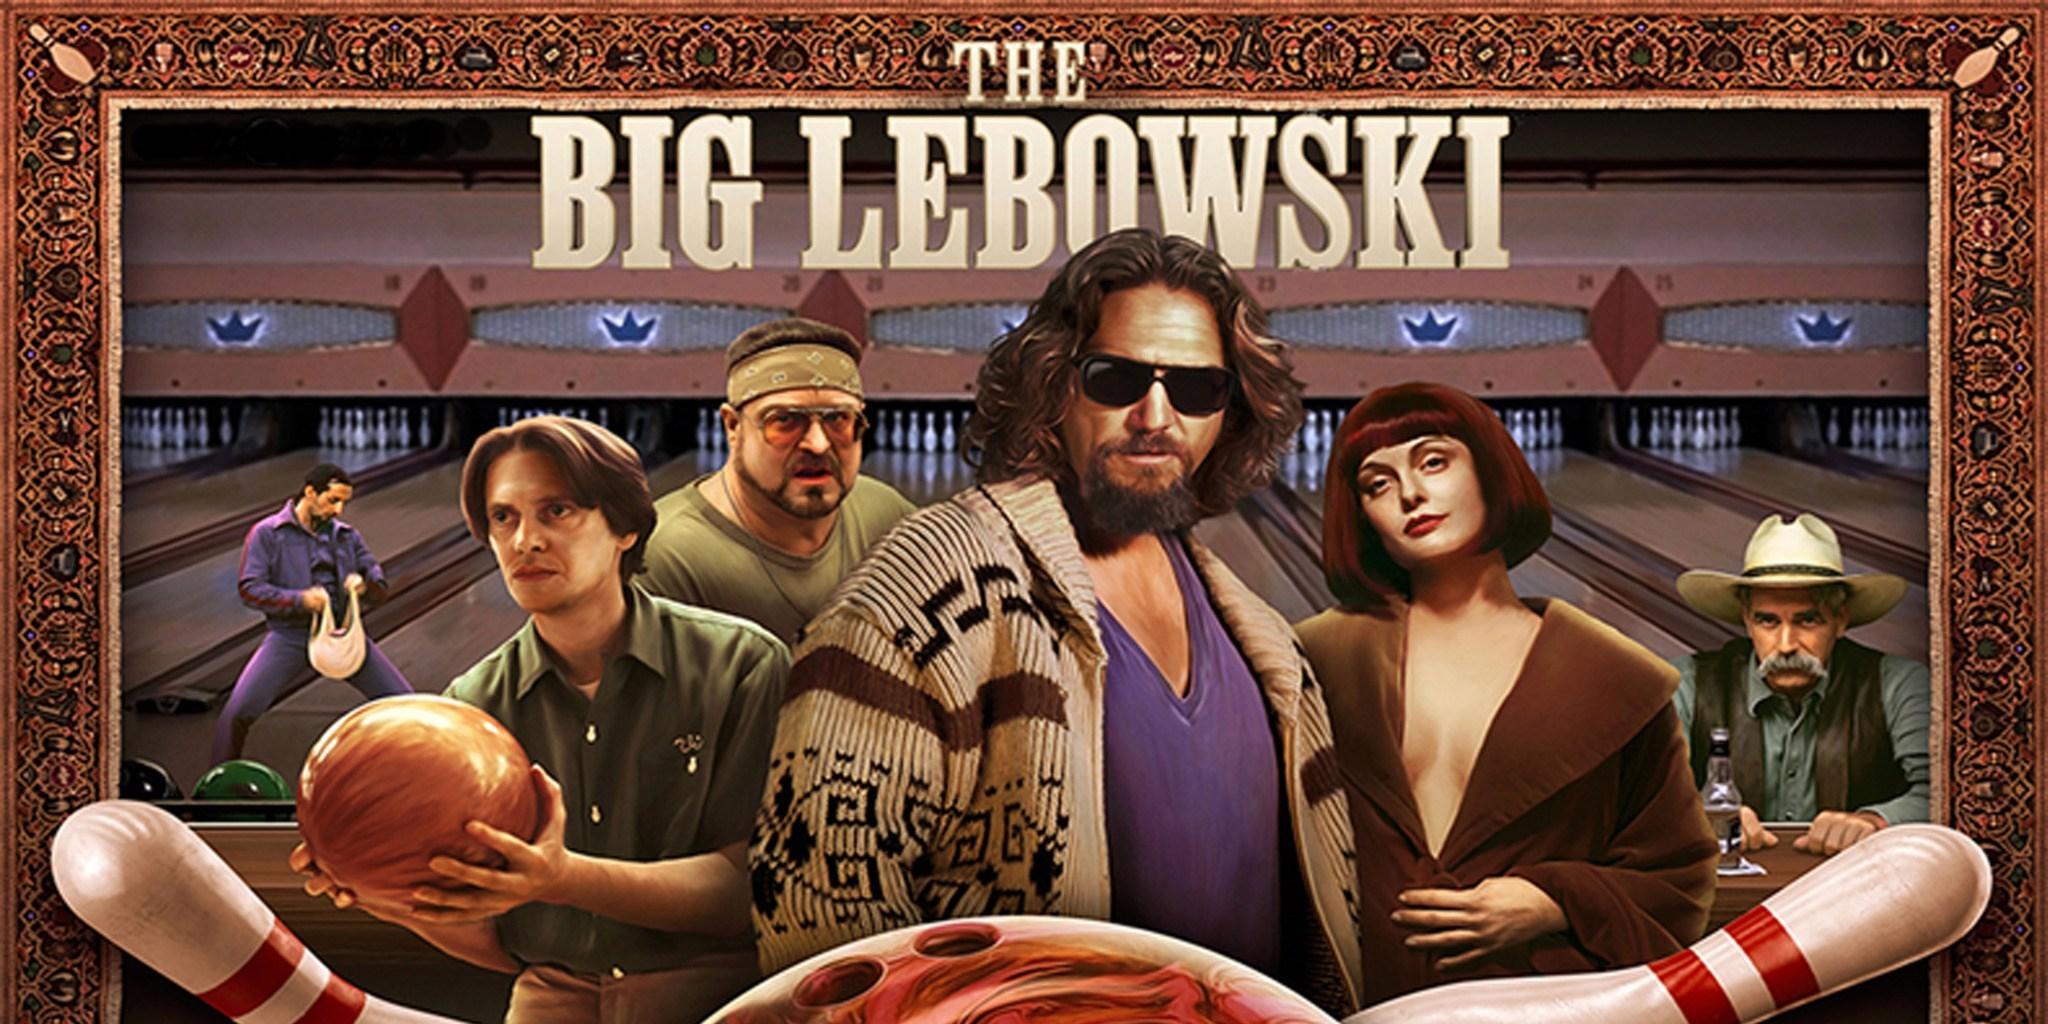 'Il Grande Lebowski' ci propone una filosofia dell'attesa contro un mondo frenetico